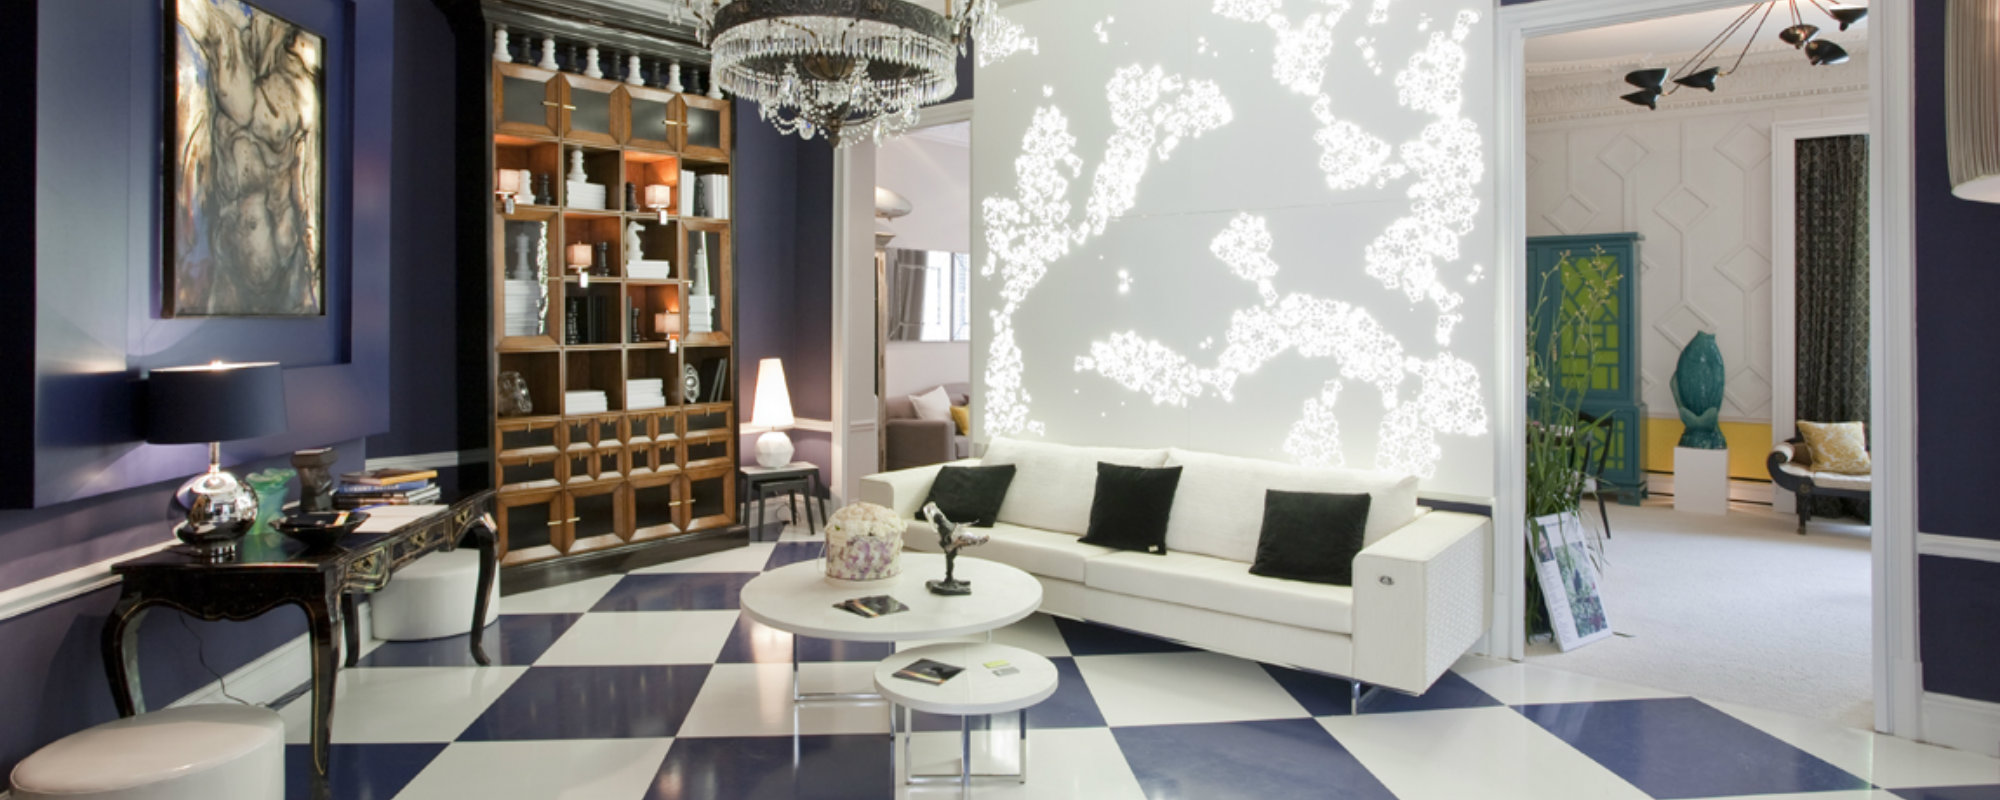 Interiorismo de lujo: Carrillo Proyectos una empresa de lujo en Madrid interiorismo de lujo Interiorismo de lujo: Carrillo Proyectos una empresa de lujo en Madrid Featured 12